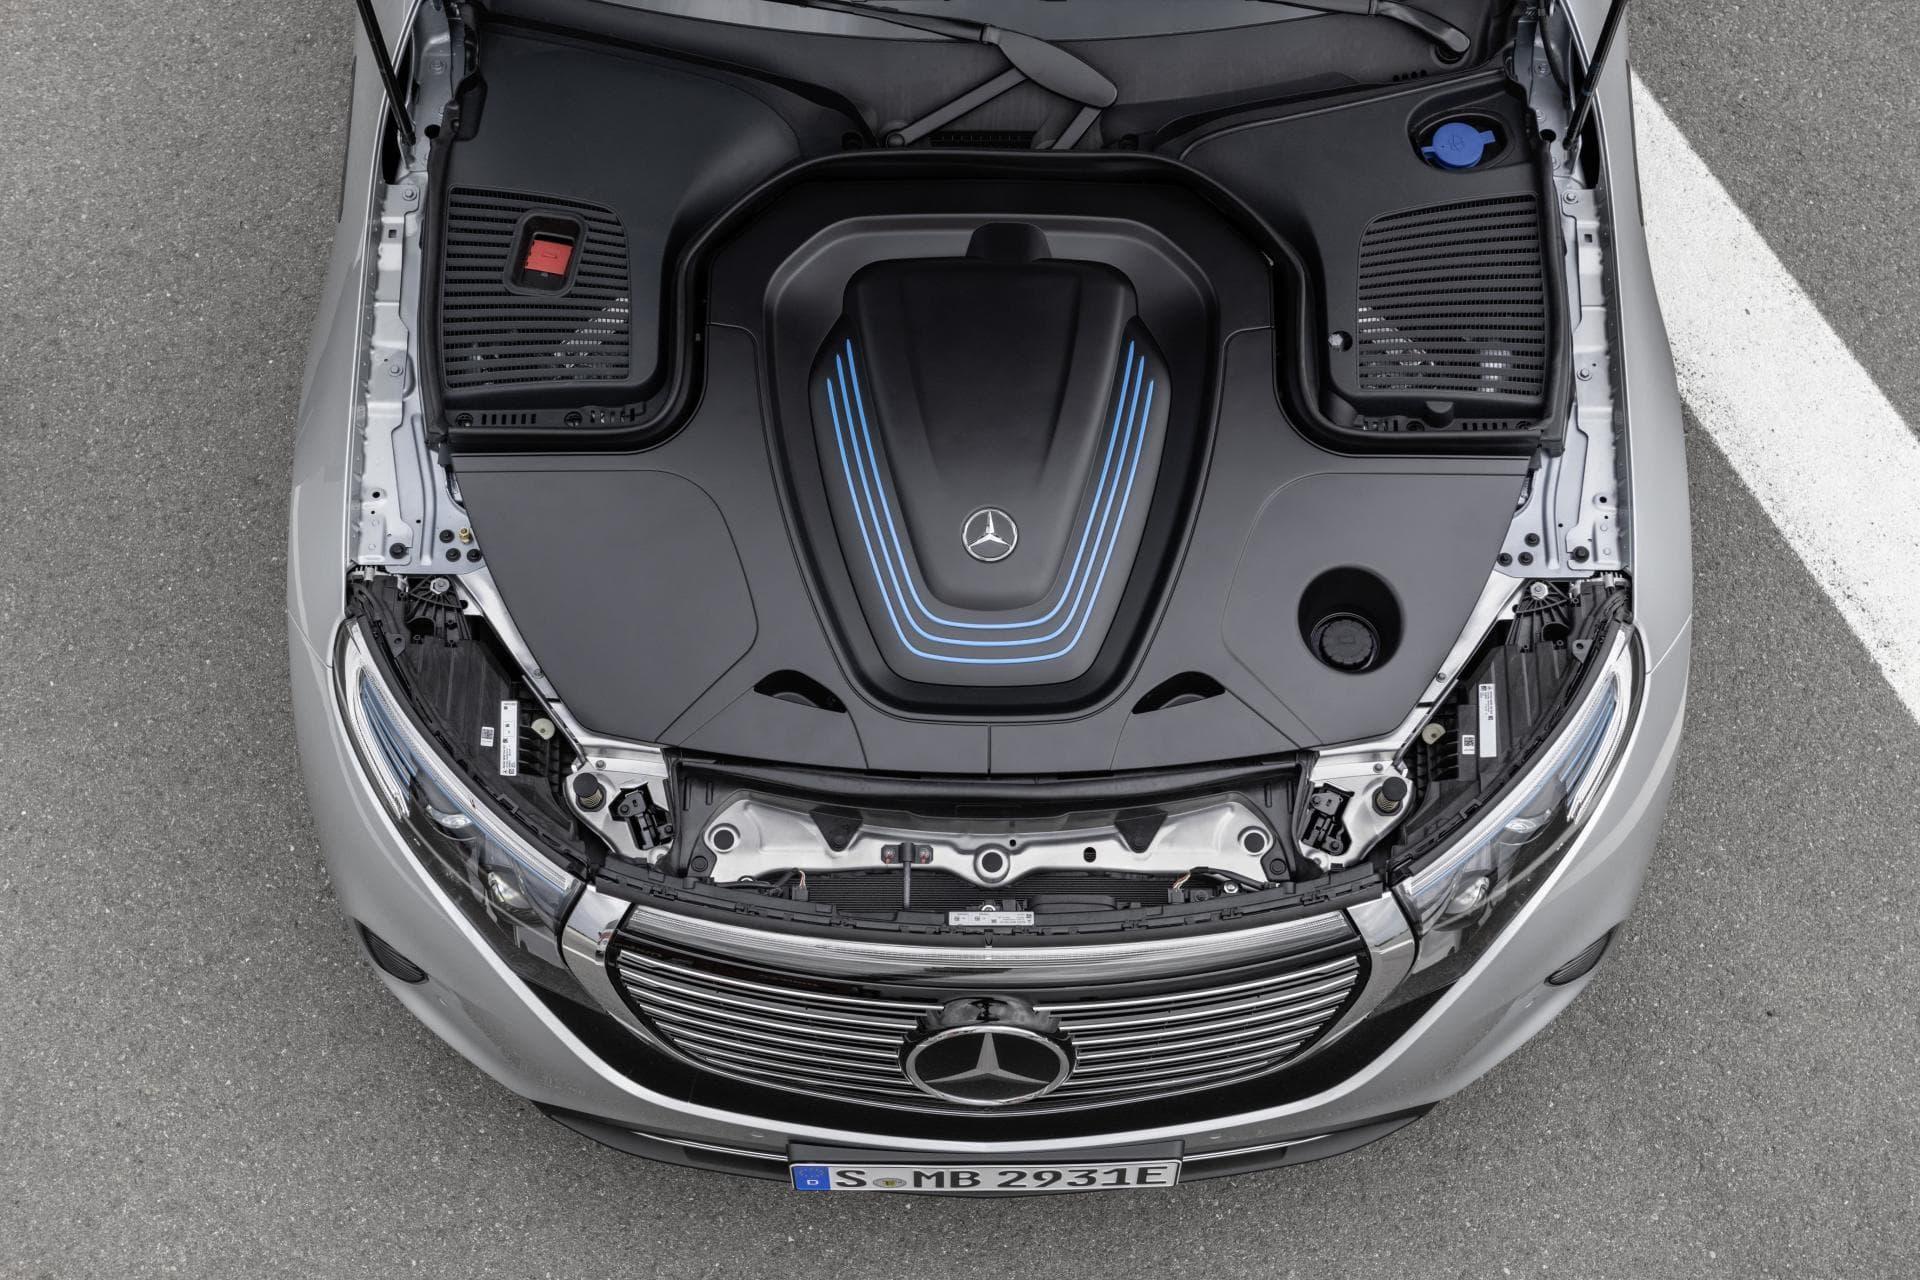 Por qué el Mercedes EQC no tiene maletero delantero como otros tantos coches eléctricos